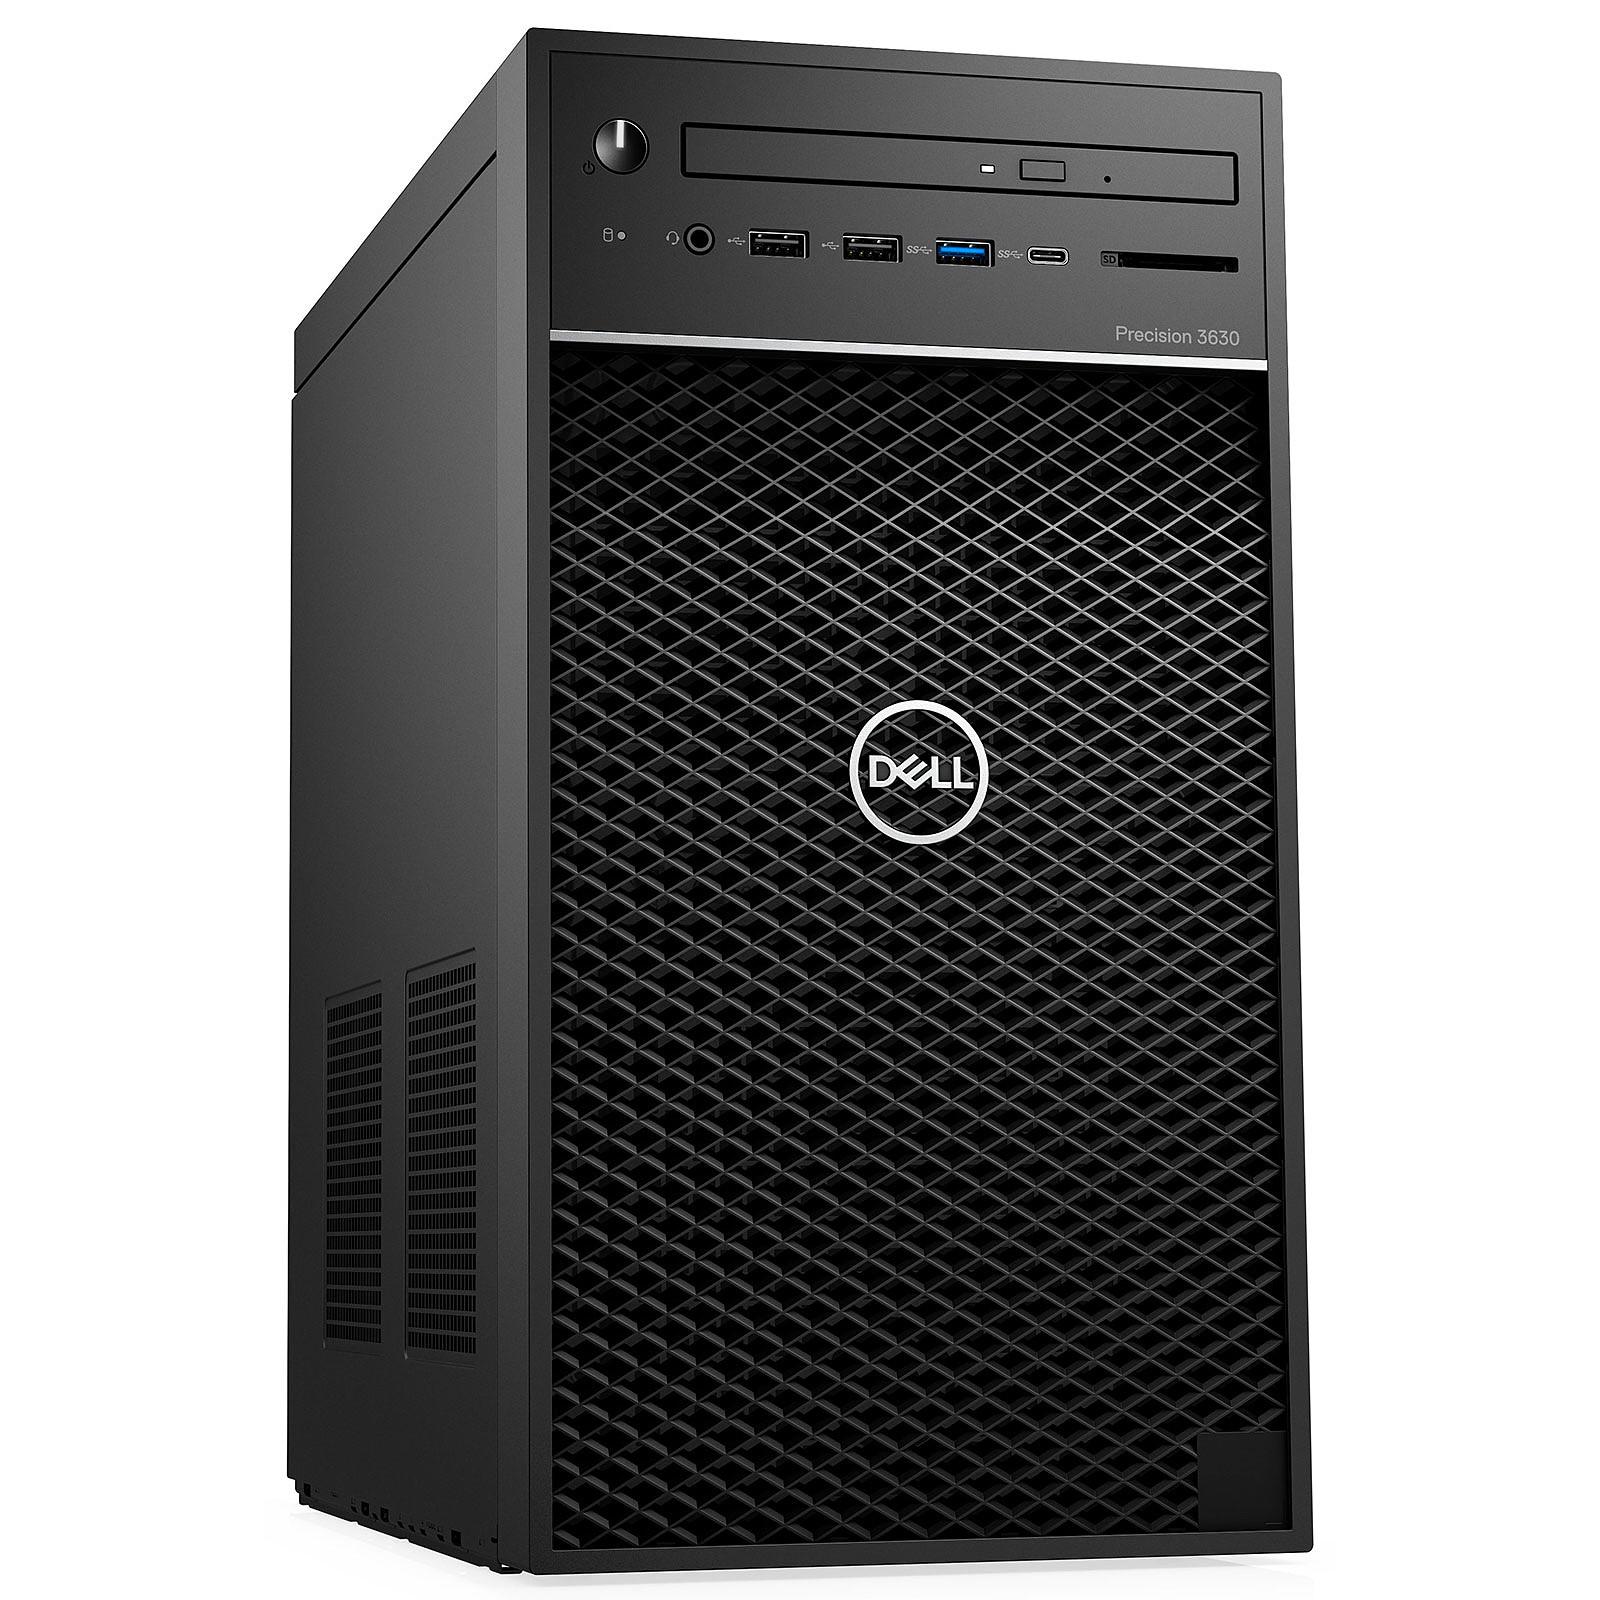 Dell Precision 3630 (JY80P)